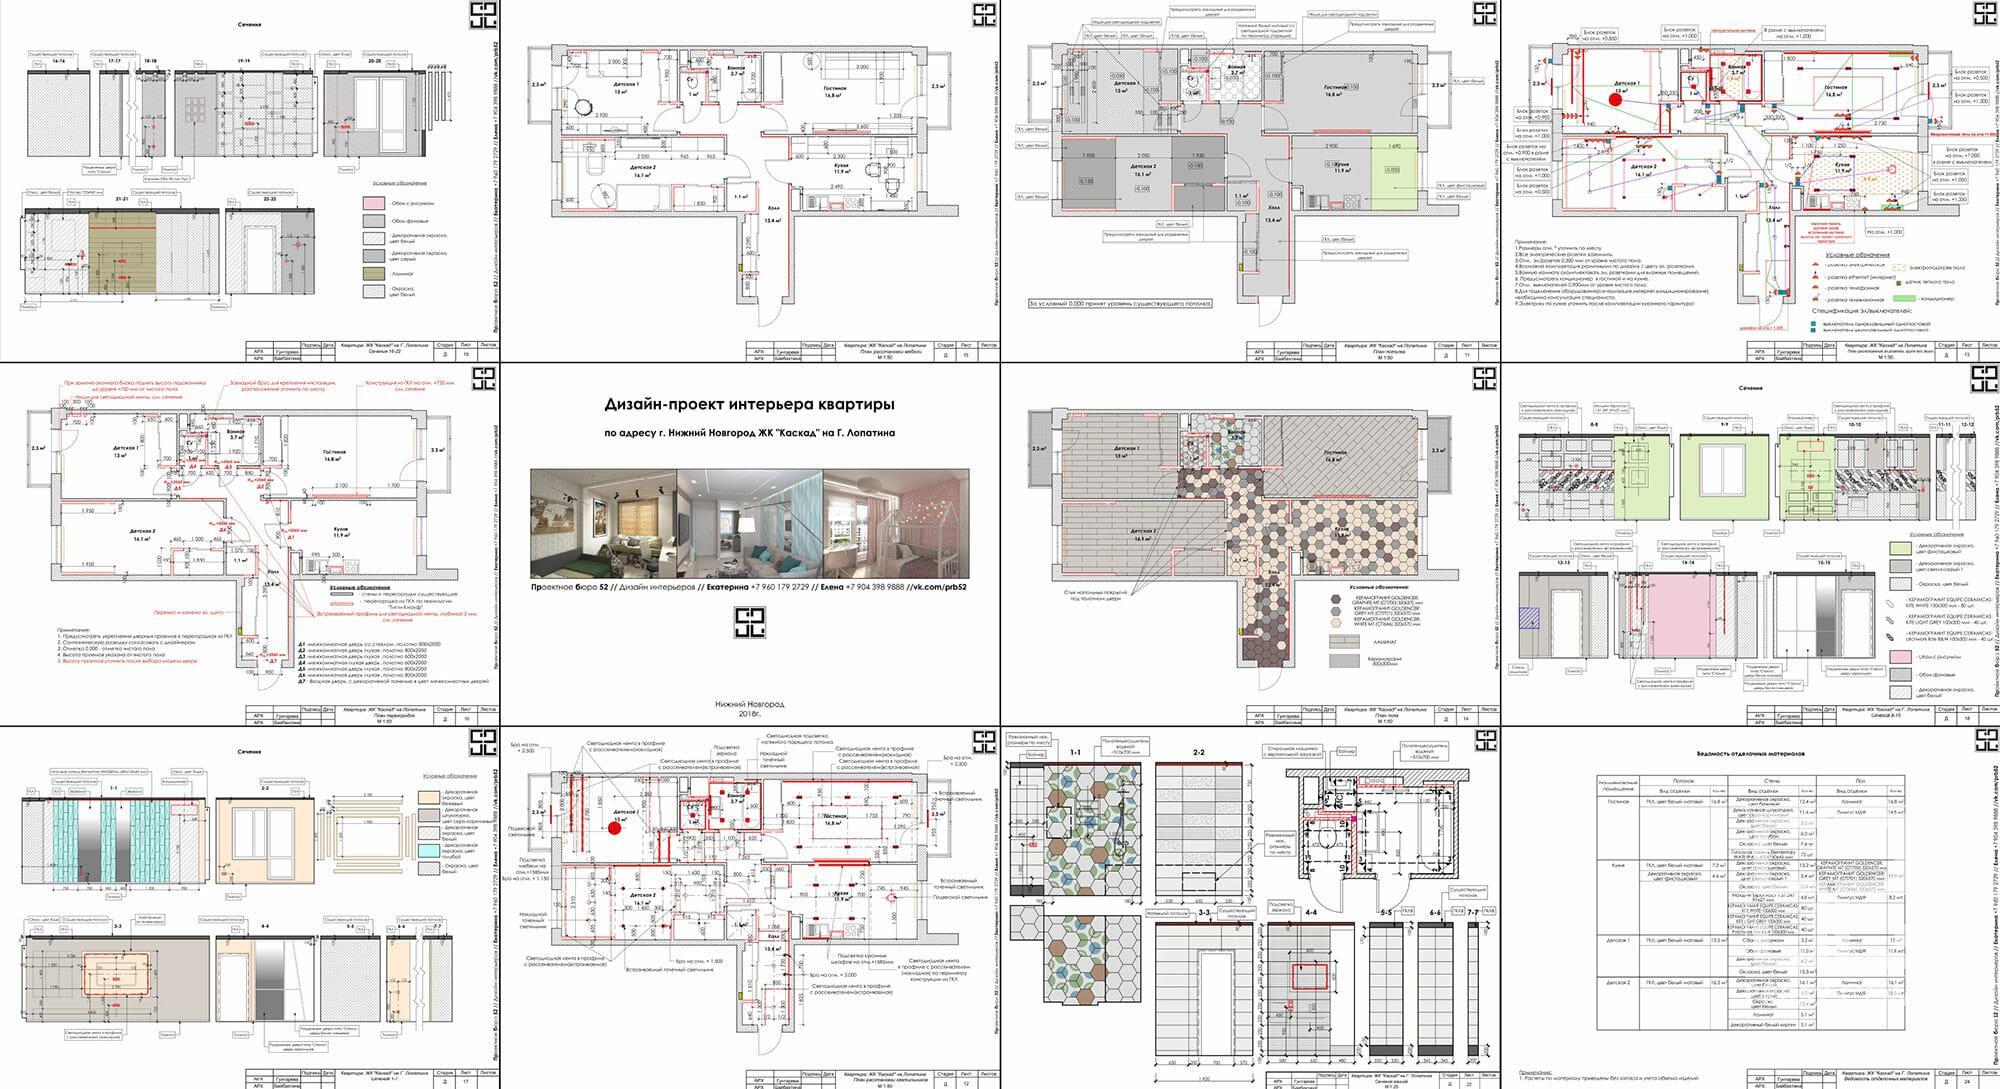 дизайн проект интерьера планы рабочие чертежи